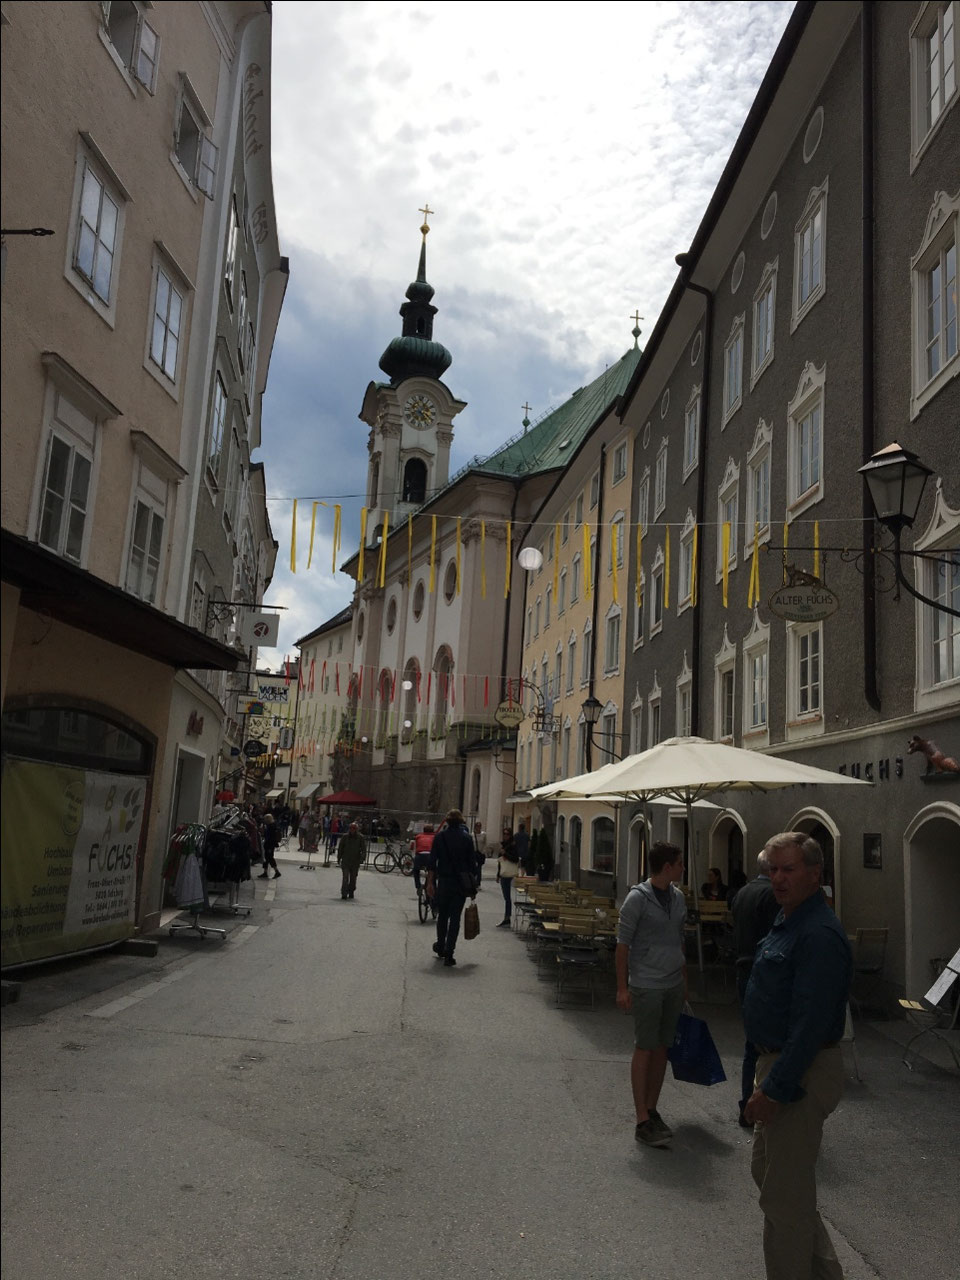 Aldstadt